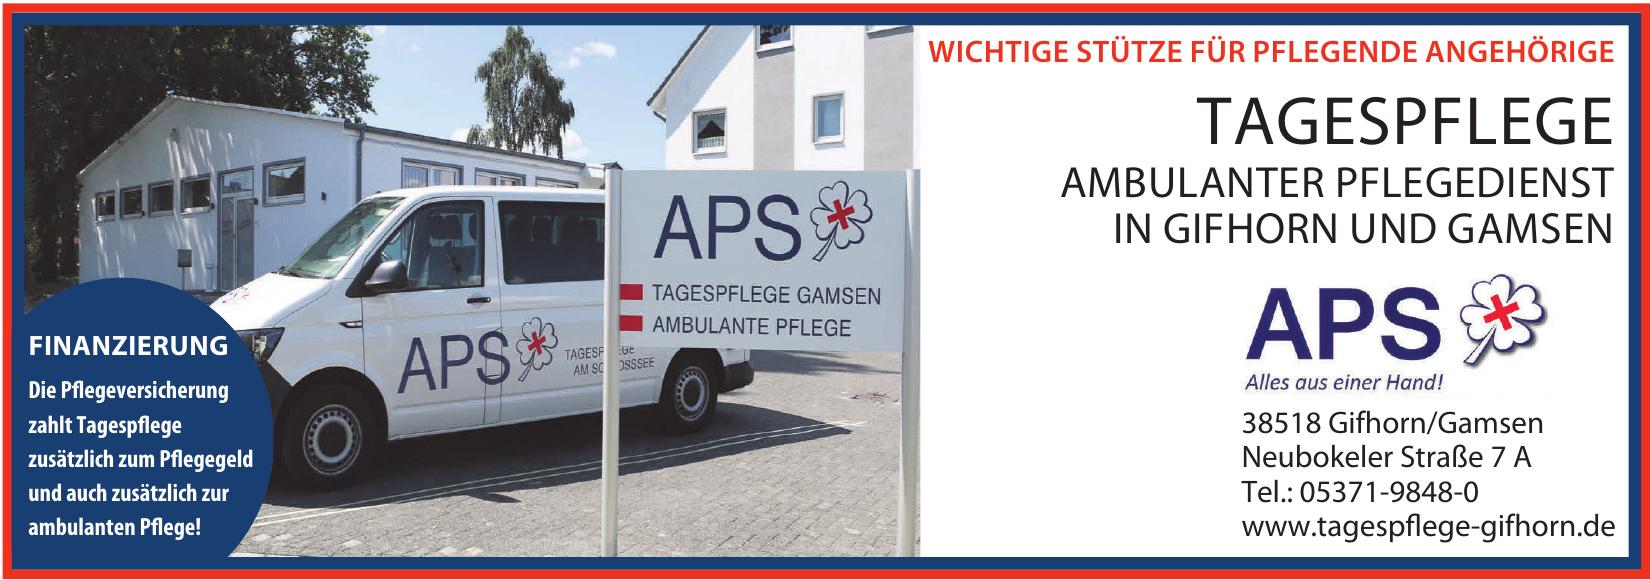 APS Tagespflege Ambulanter Pflegedienst Gifhorn und Gamsen